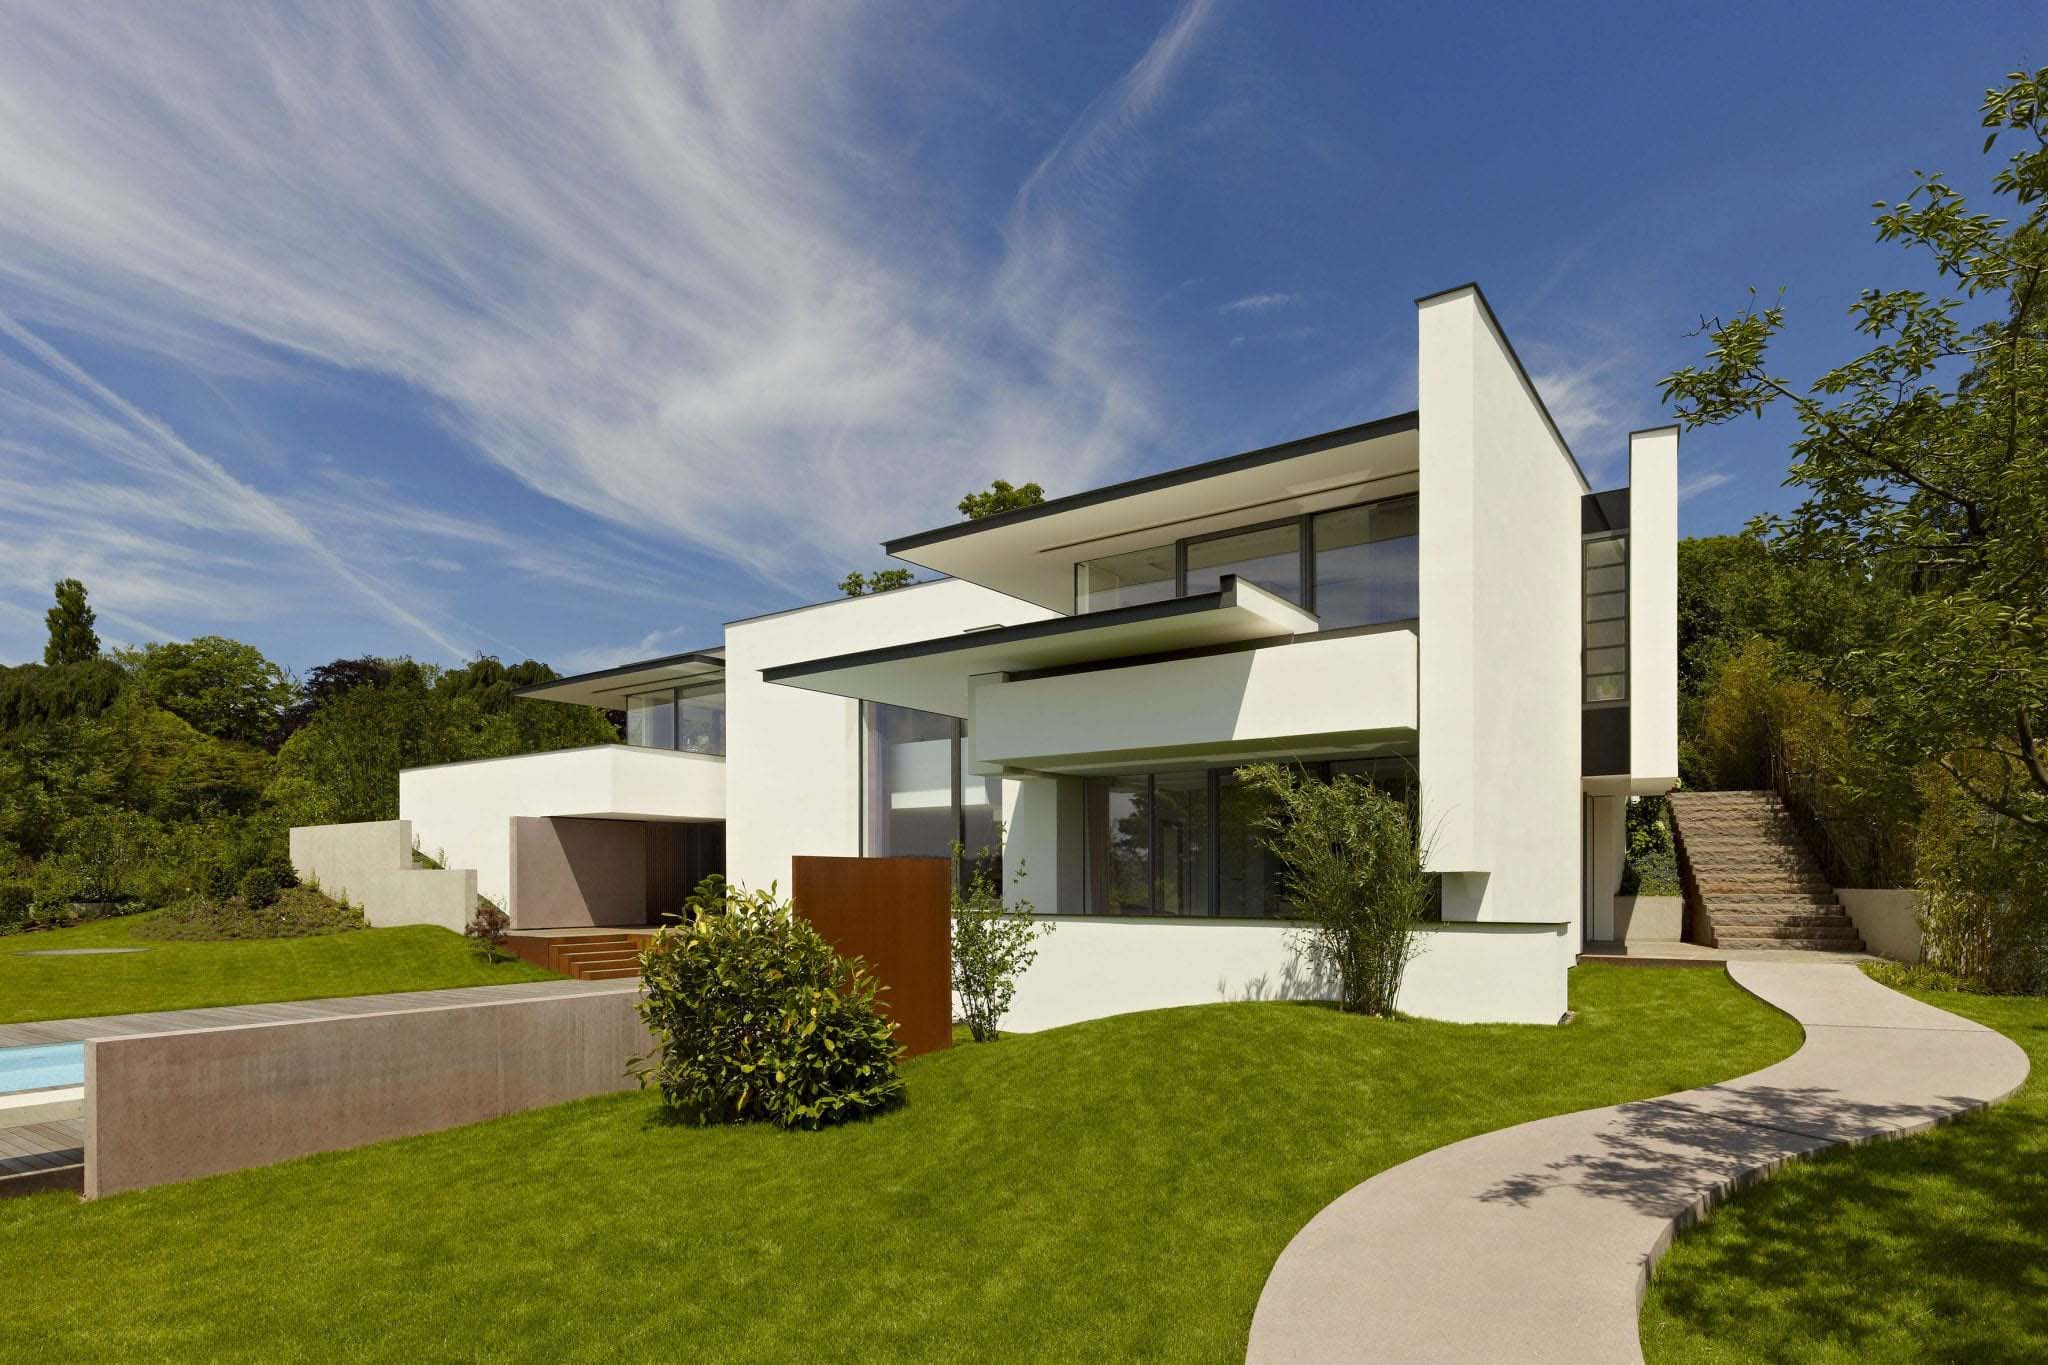 Vista House Alexander Brenner Architekten 004 C